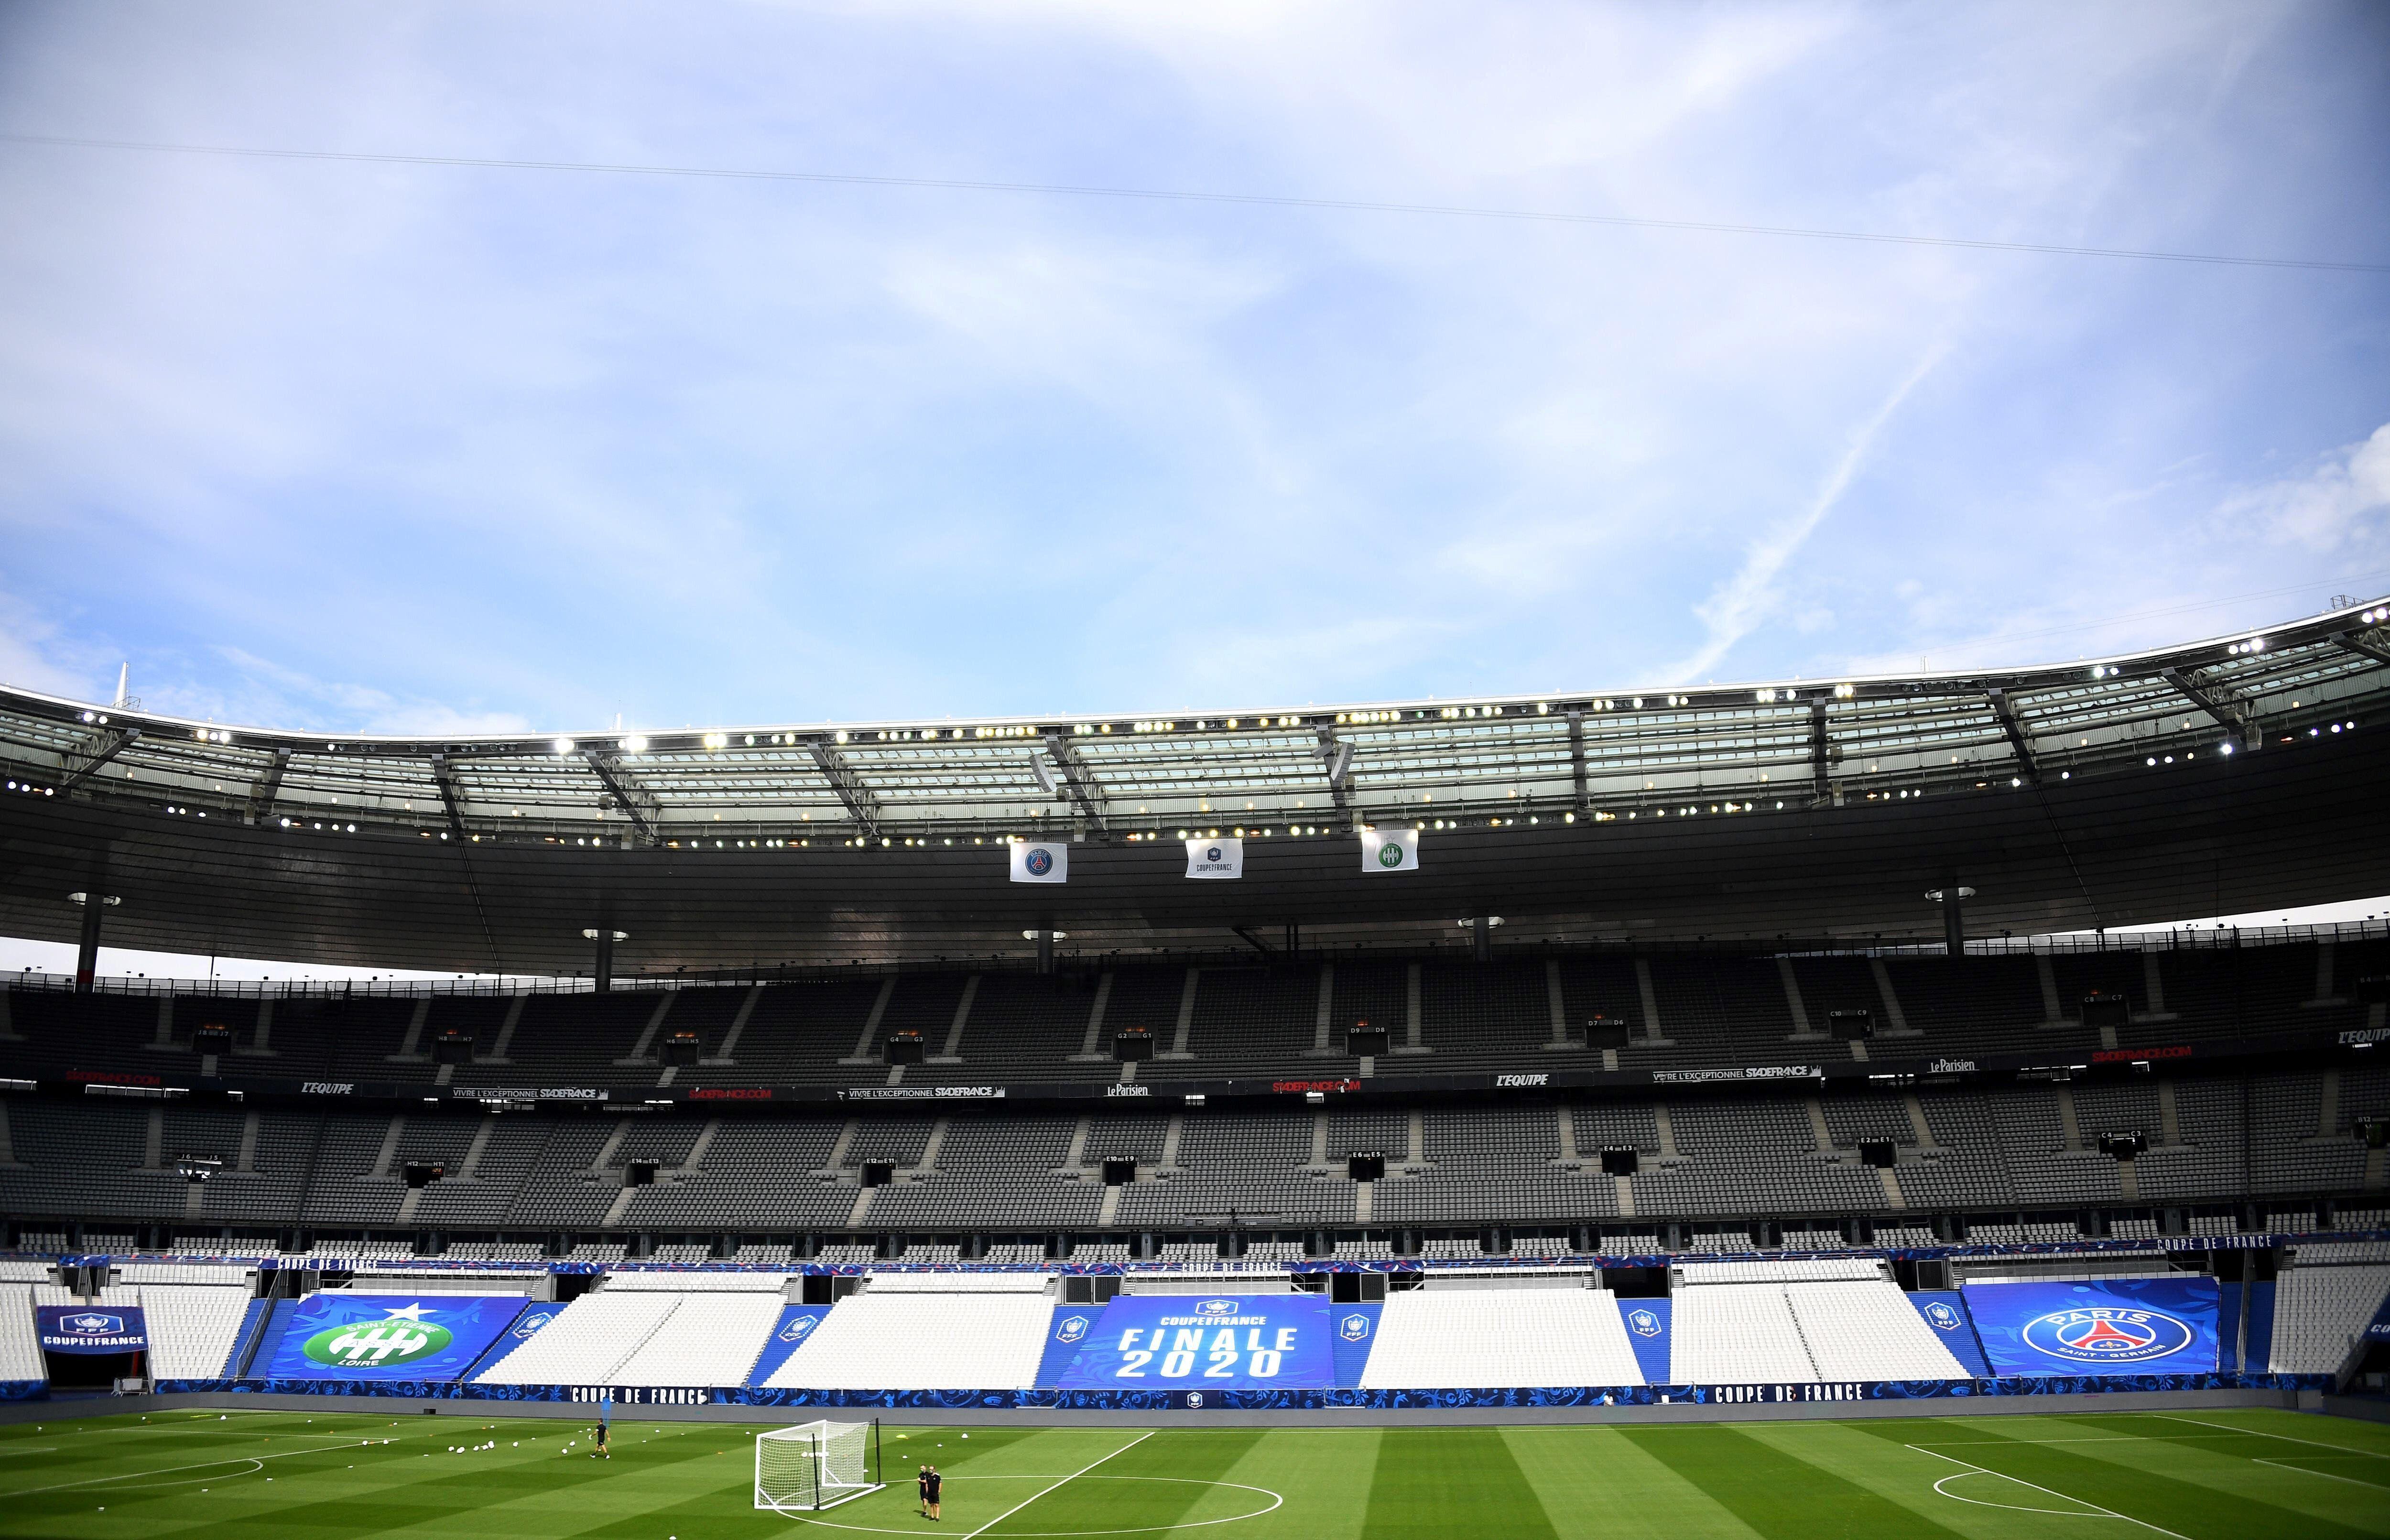 Le Stade de France, aménagé pour la finale de la Coupe de France (photo prise le 23 juillet